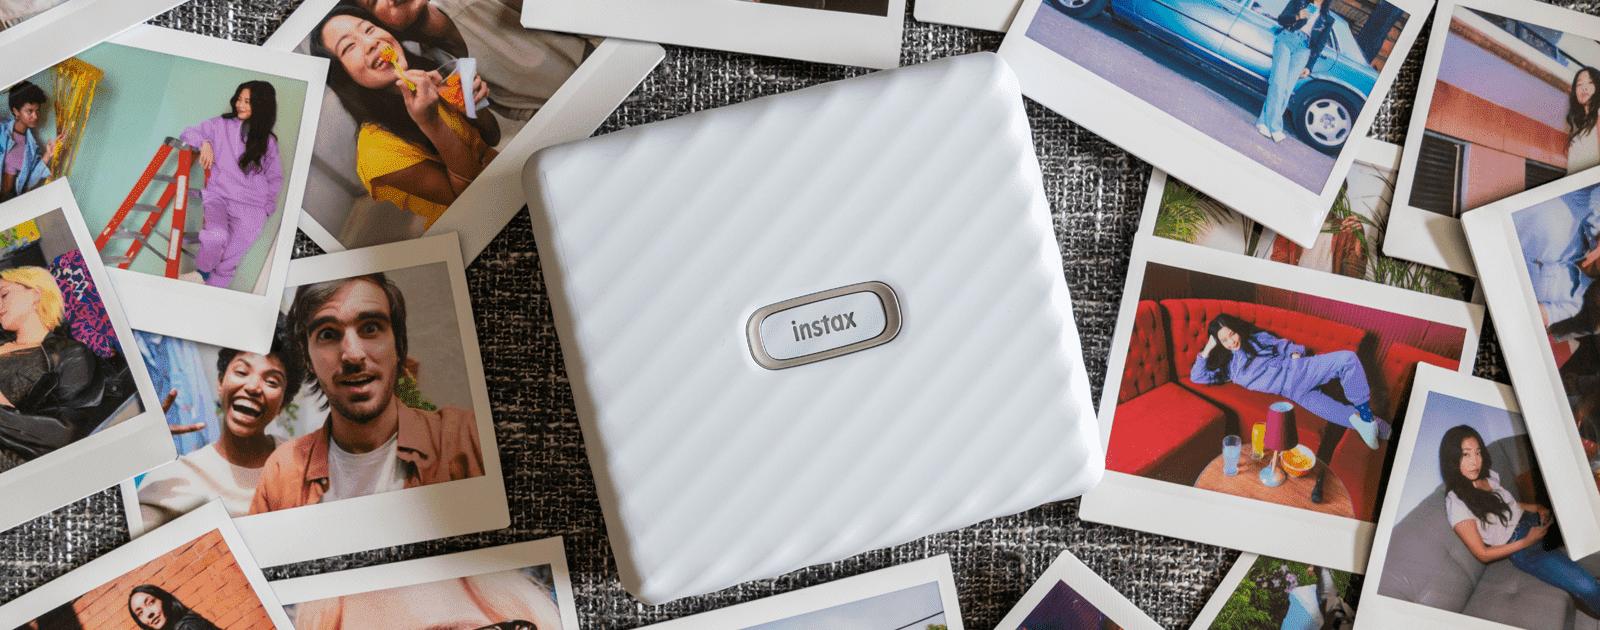 NIEUW: de instax Link WIDE smartphoneprinter